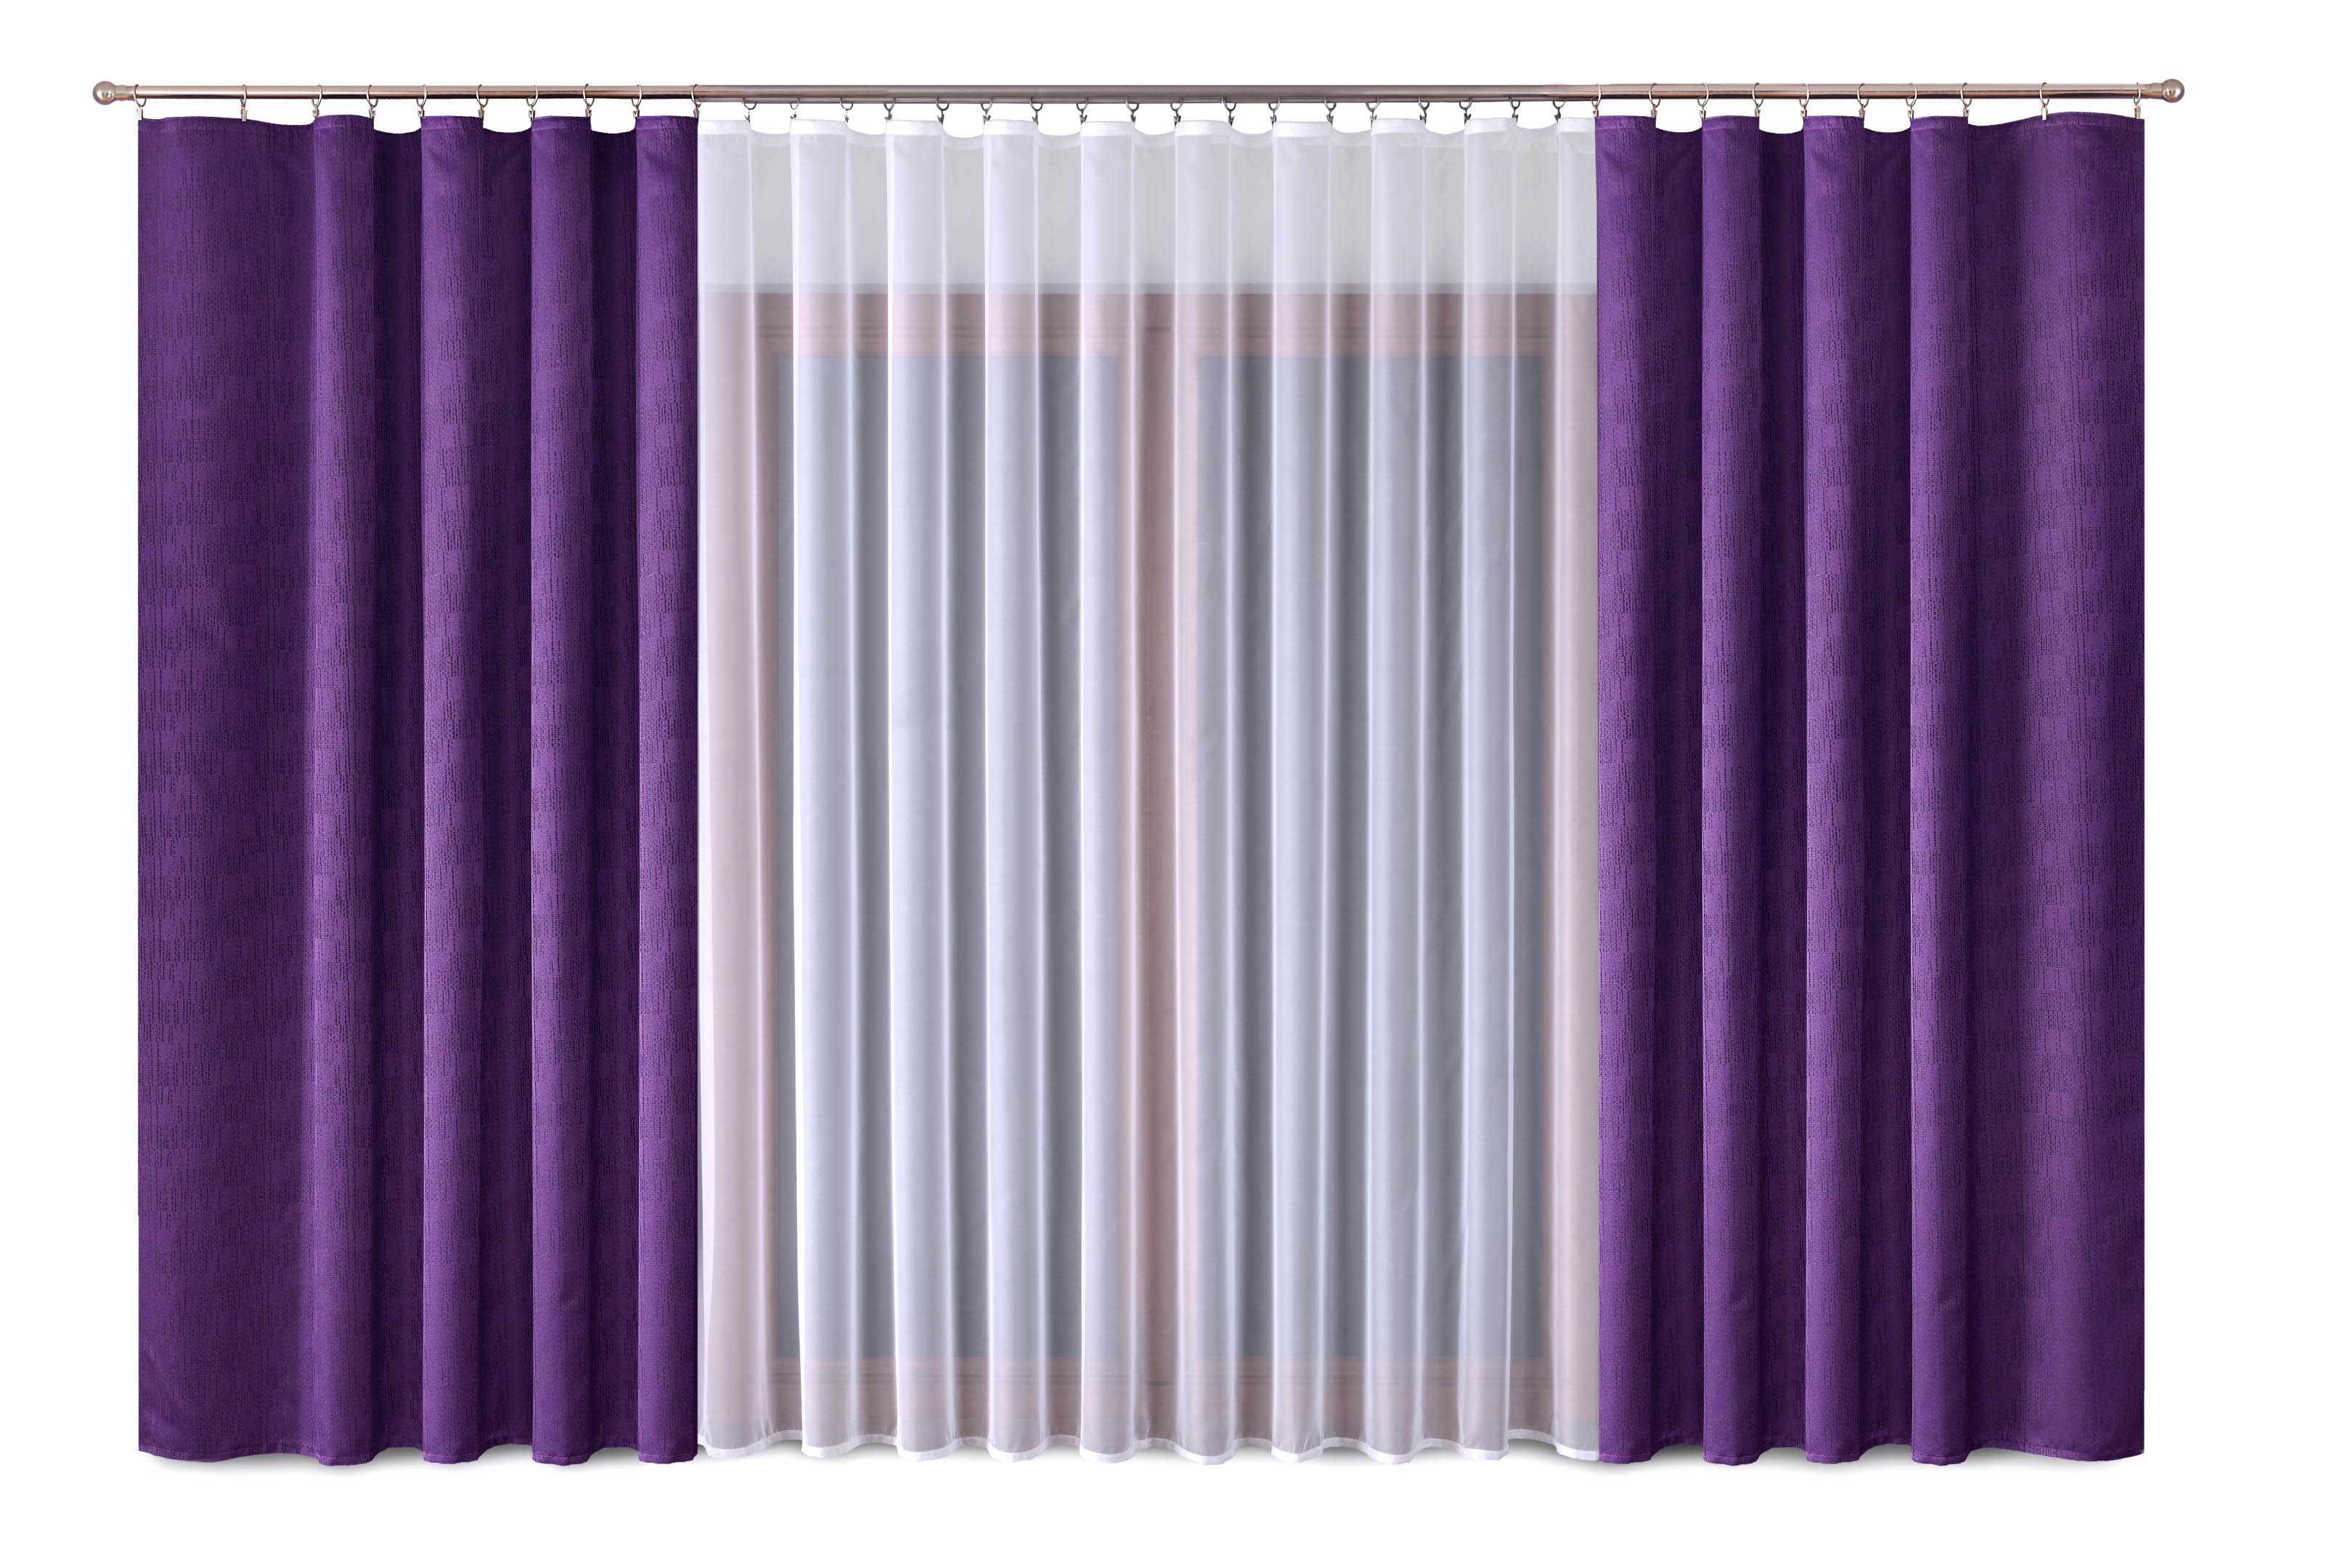 Шторы Primavera Классические шторы Alicia Цвет: Сиреневый шторы tac классические шторы winx цвет персиковый 200x265 см